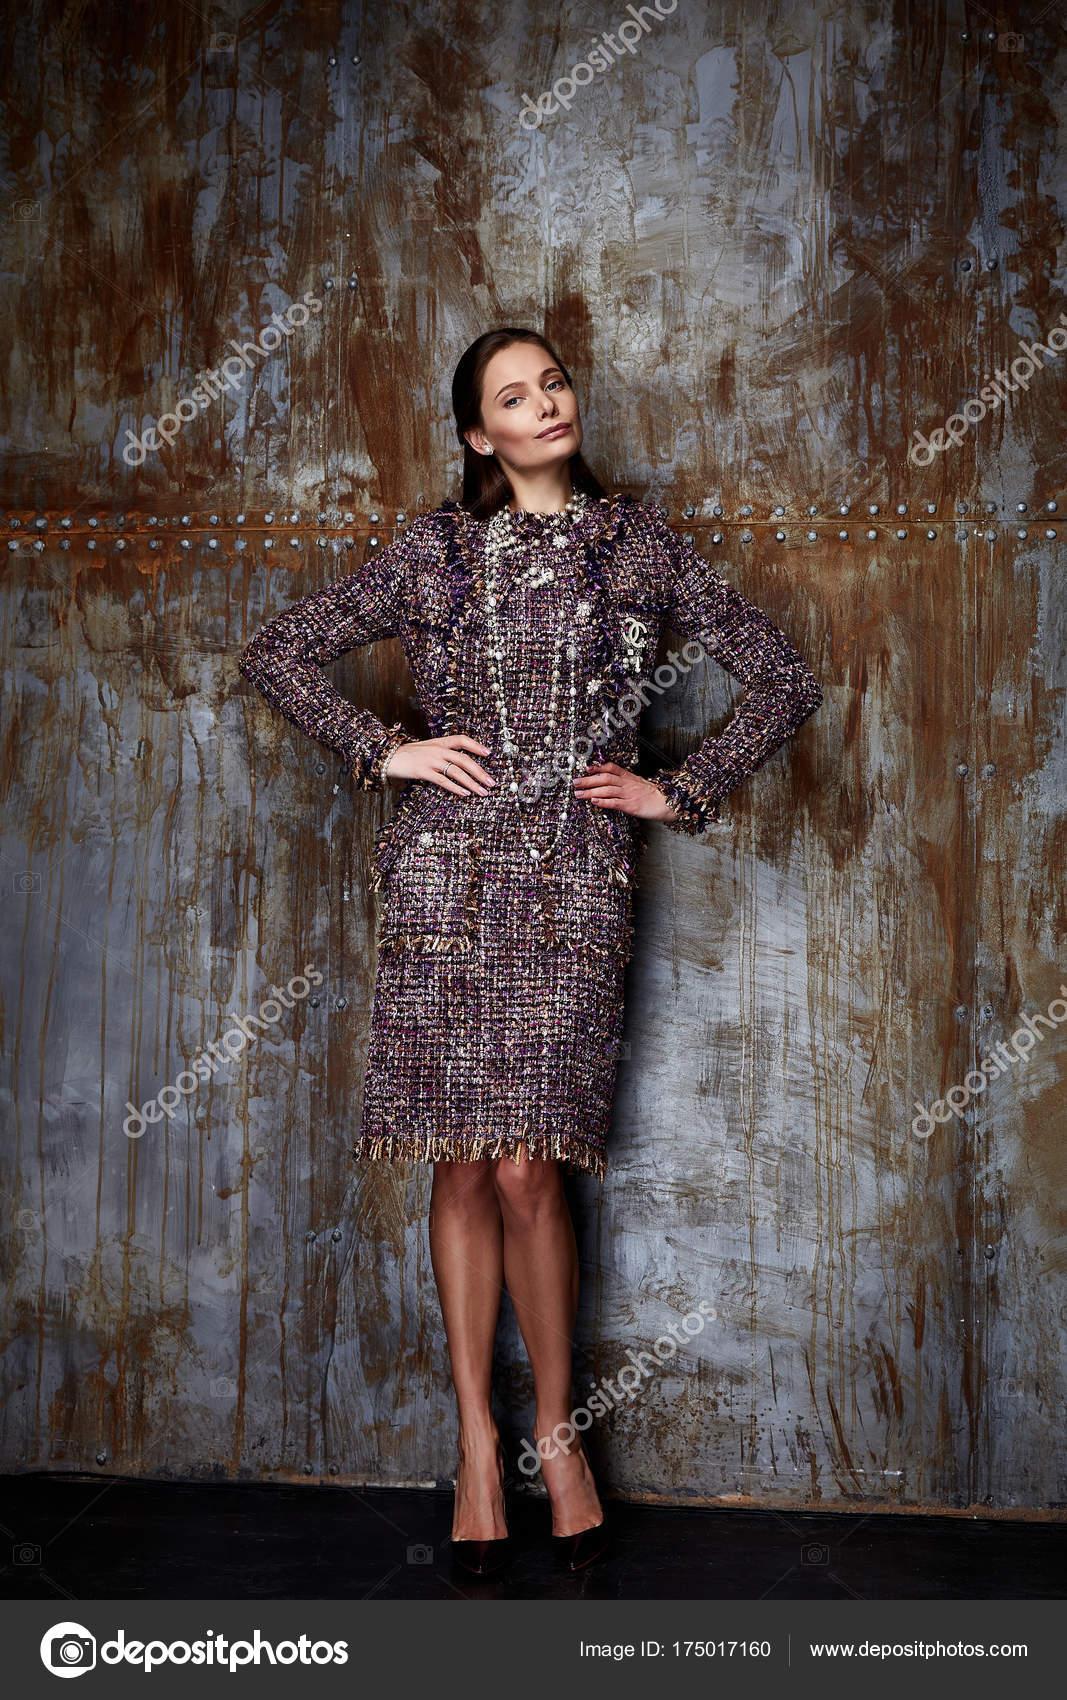 Beauty Woman Modell tragen stilvolles Design Trend Kleidung Wolle ...